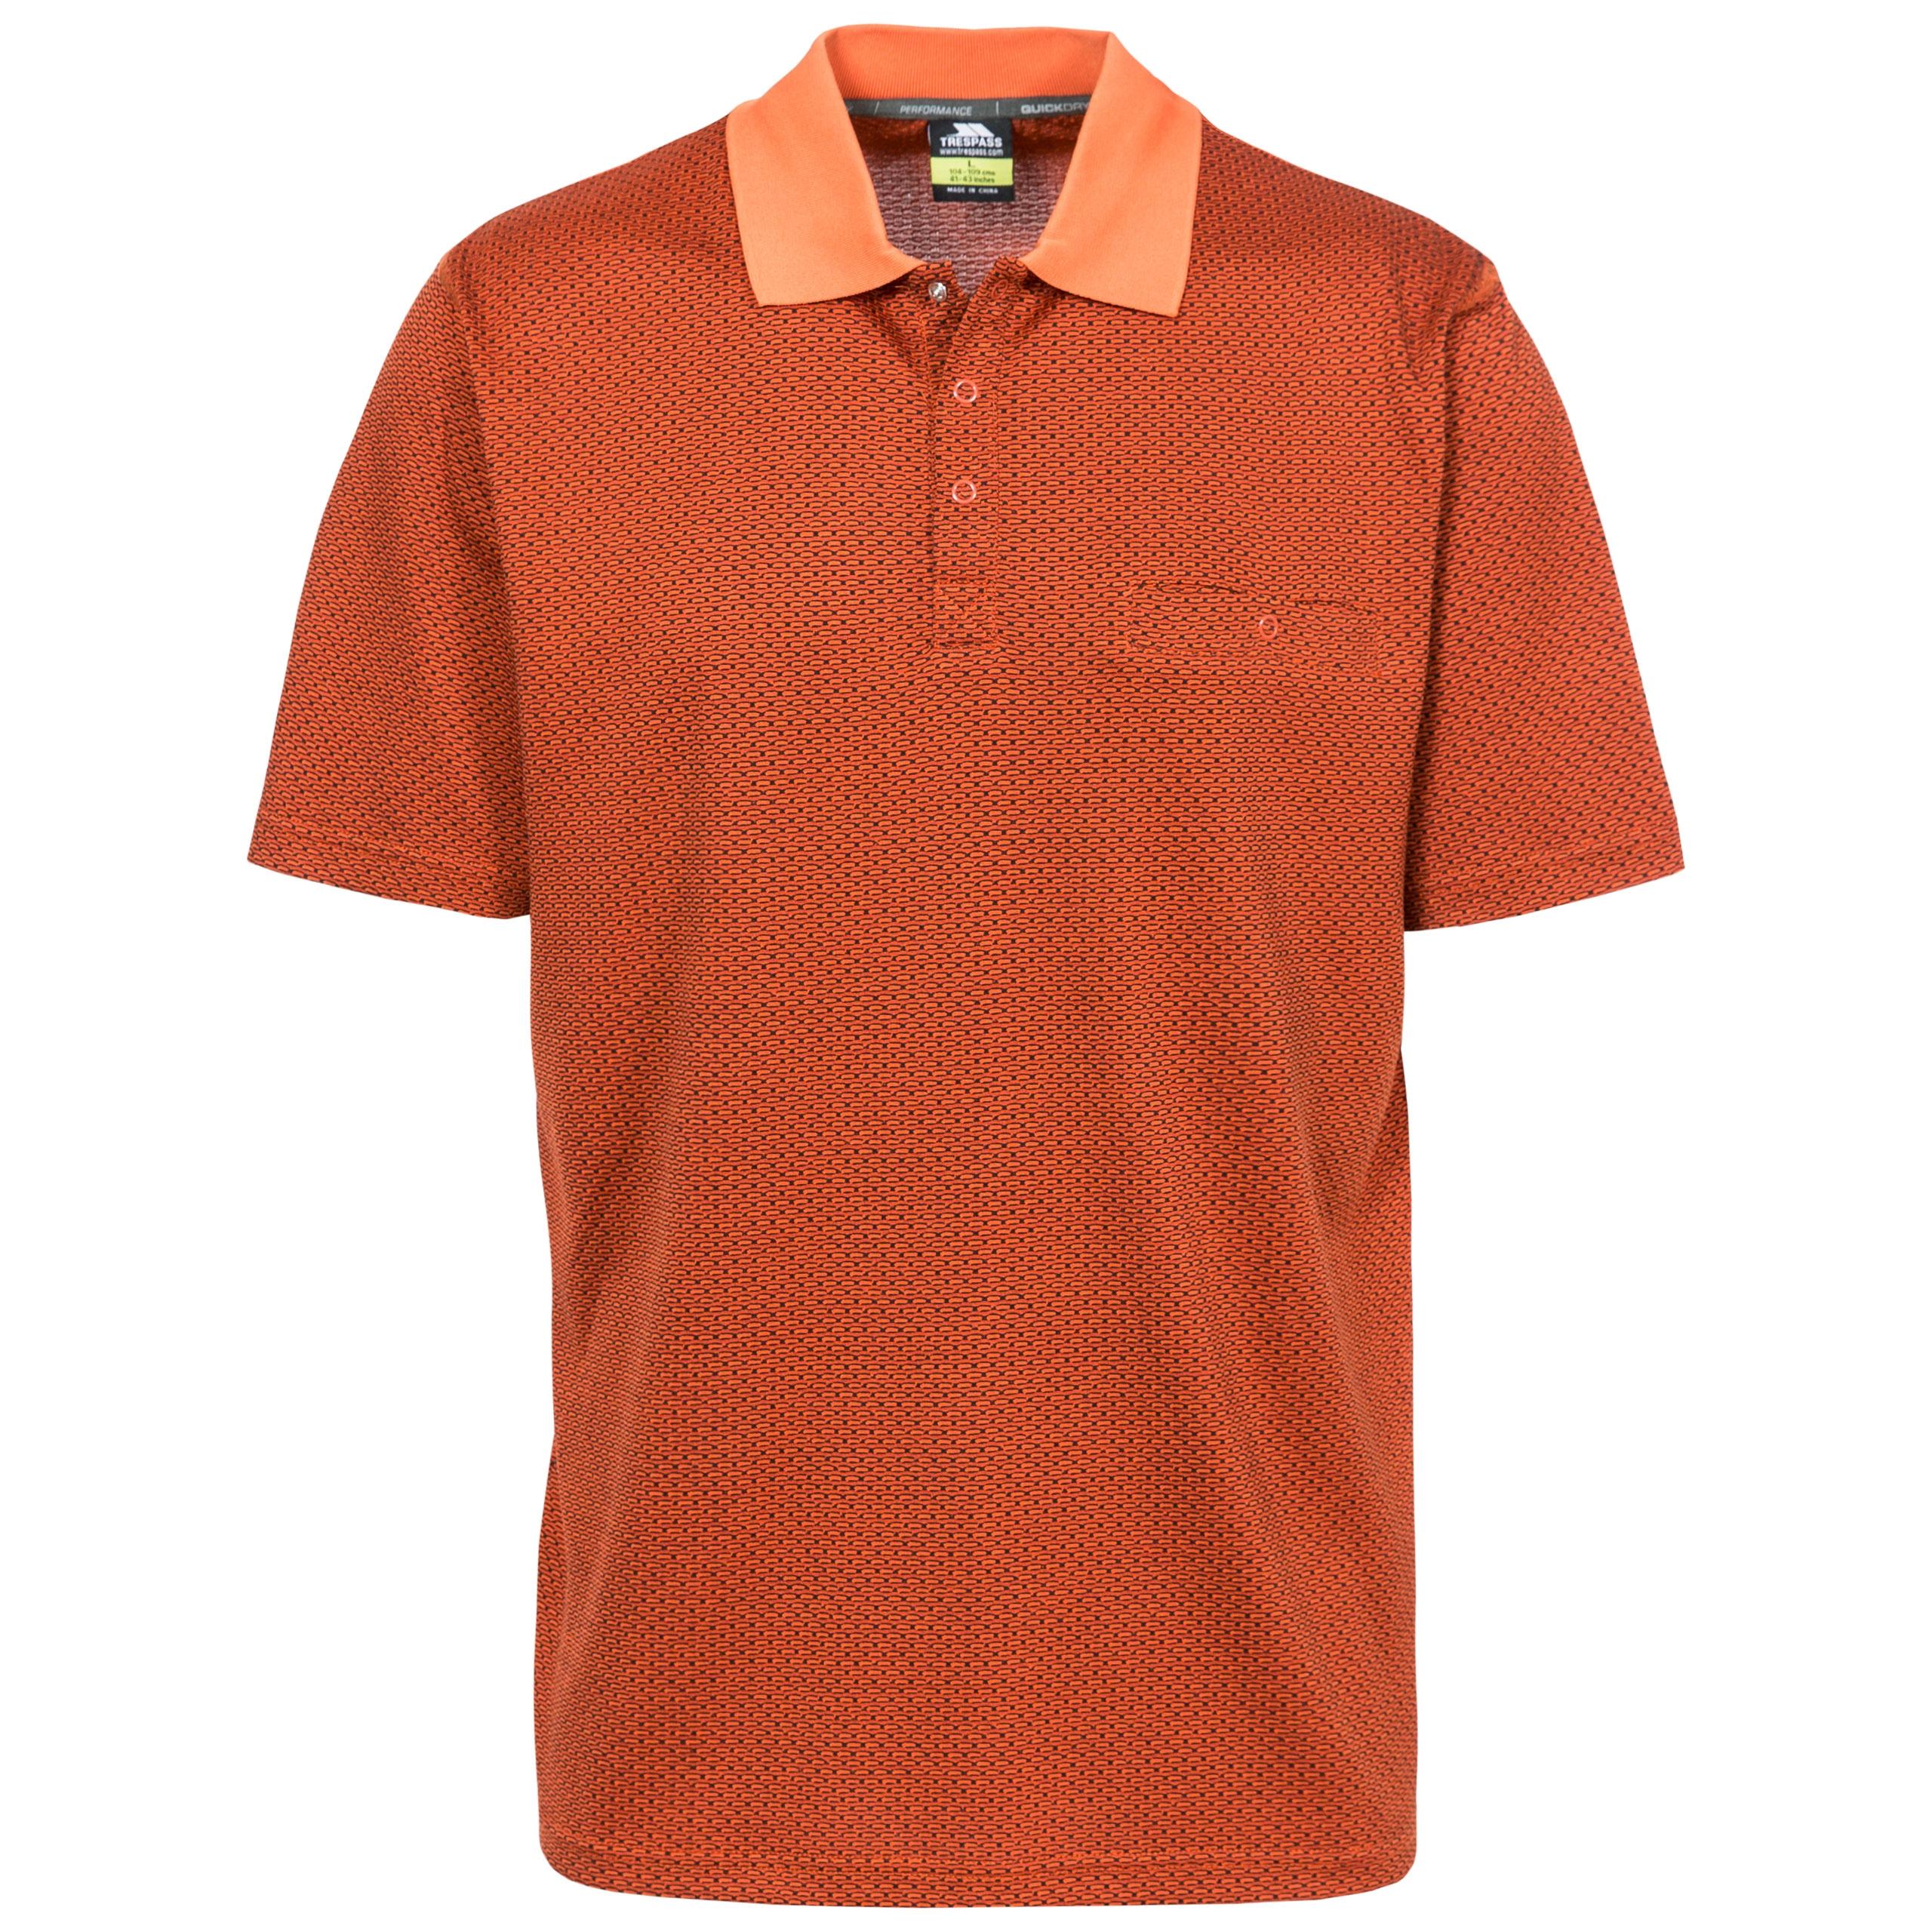 57e398b561 ... authentic camisa polo para hombre trespass reihan top informal db58f  16efd